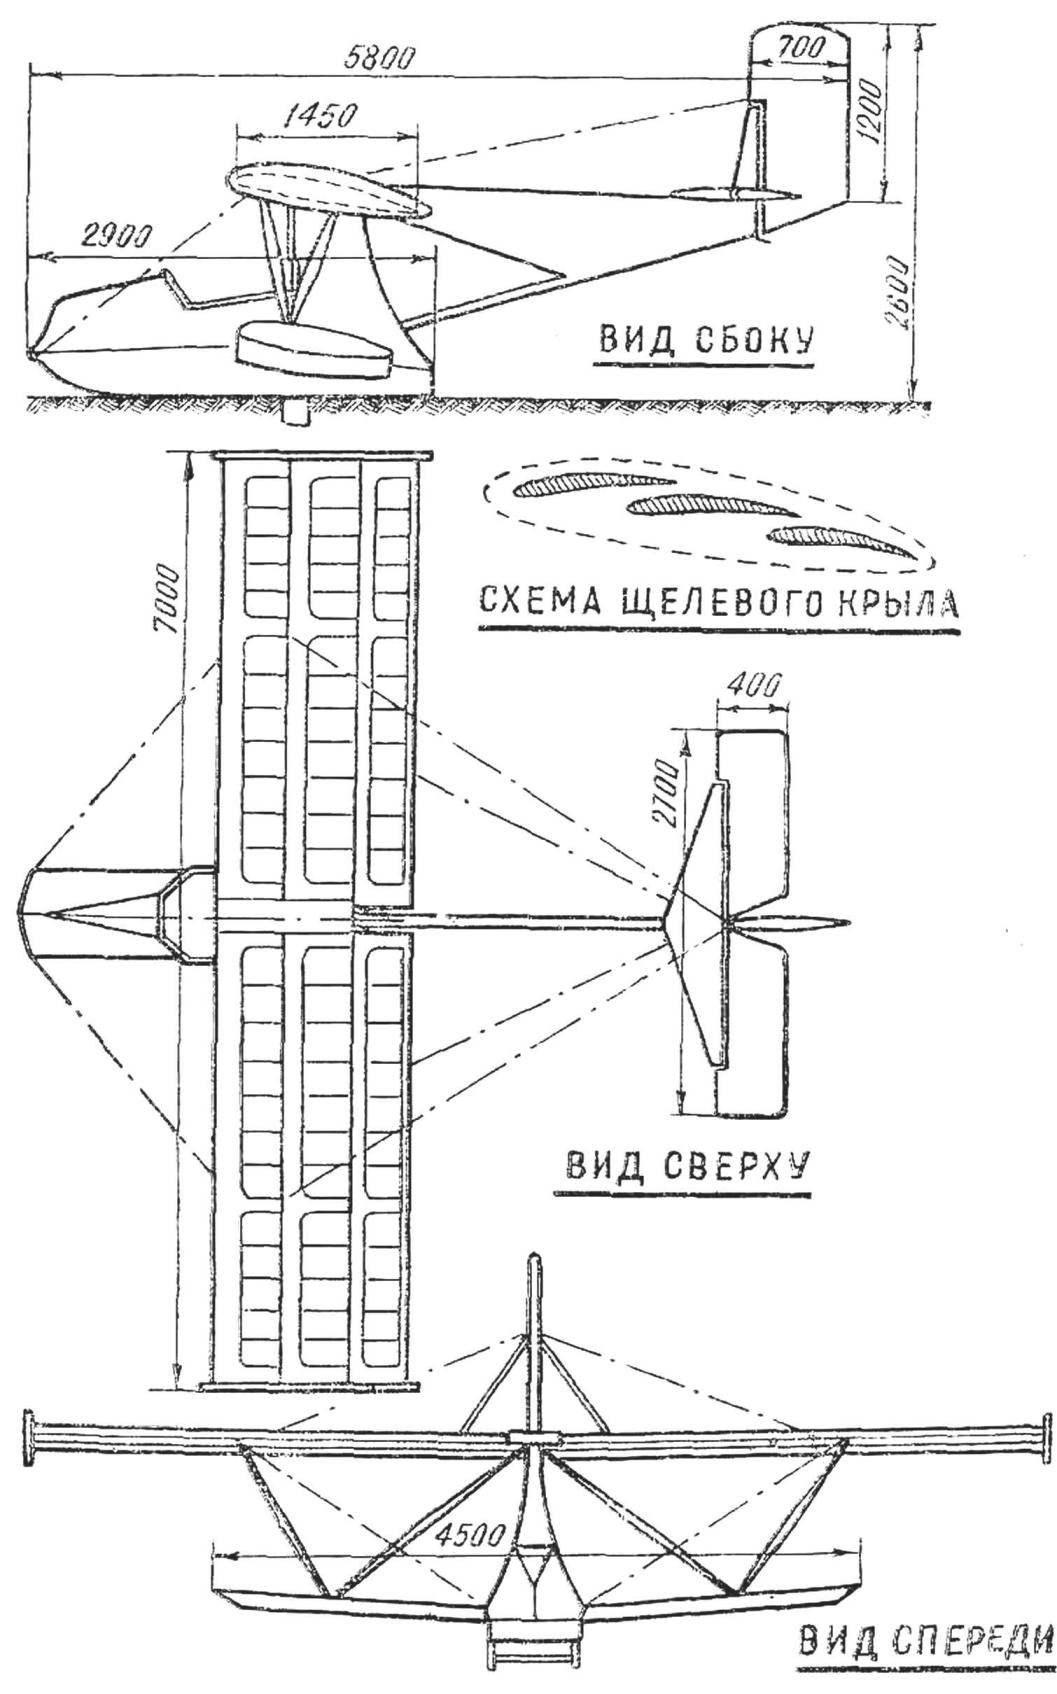 Fig. 1. Hydroplanes BRO-17U